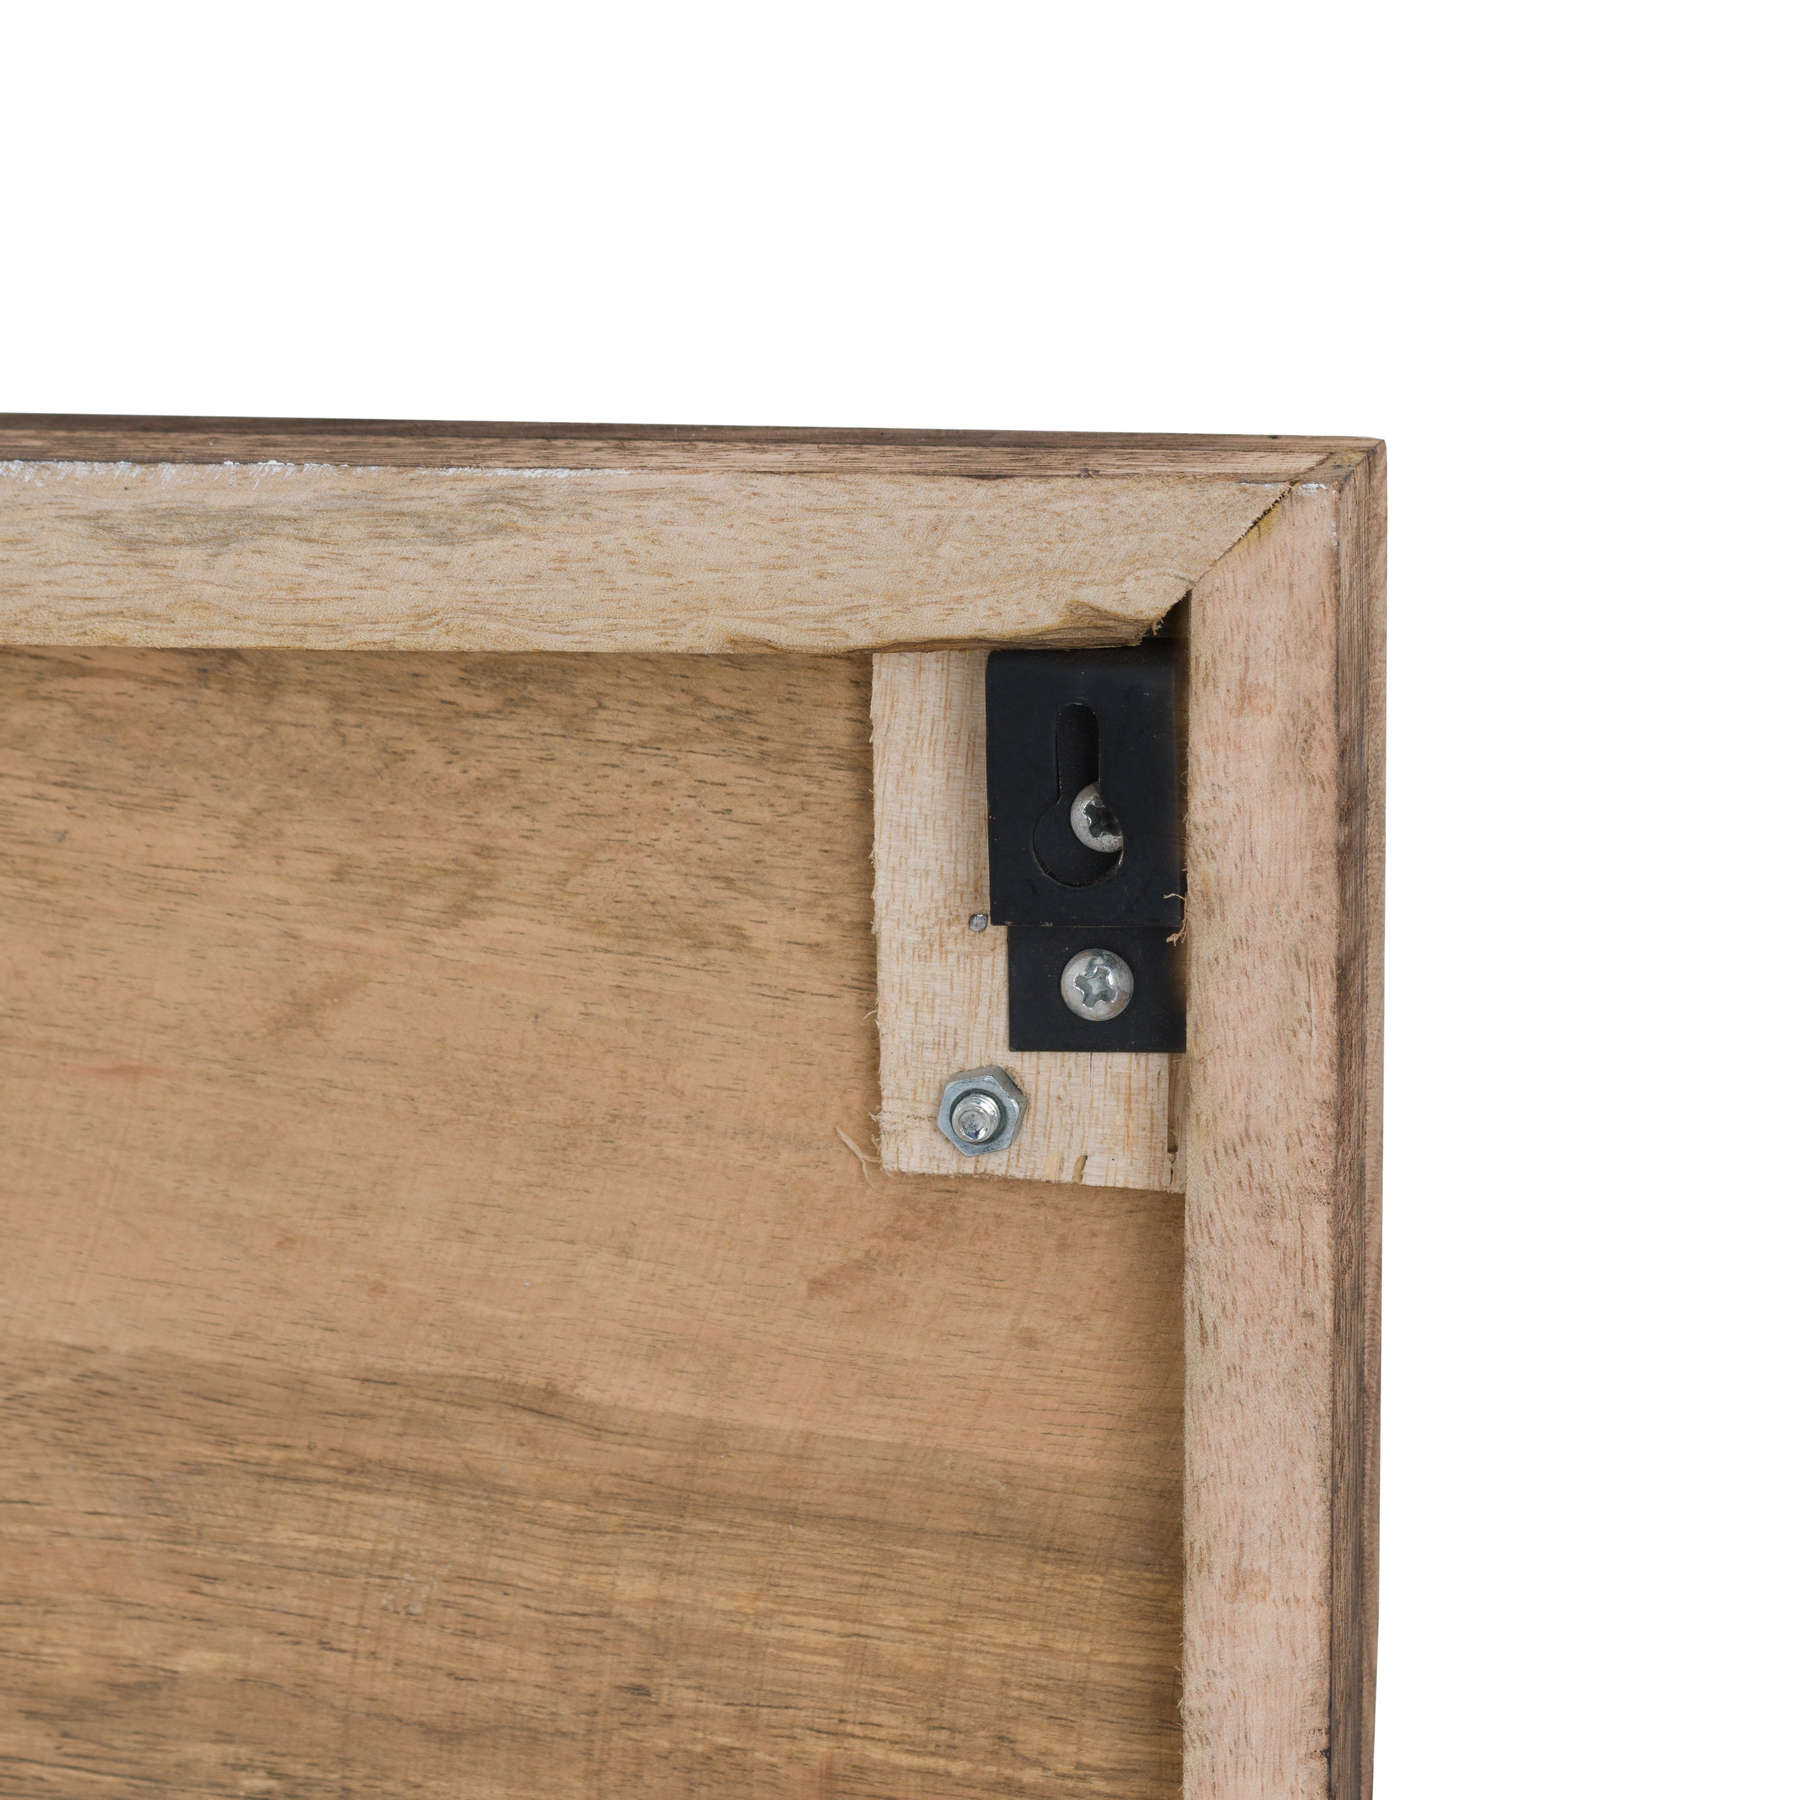 Six Nickel Horse Shoe Hooks On Wooden Board - Image 3